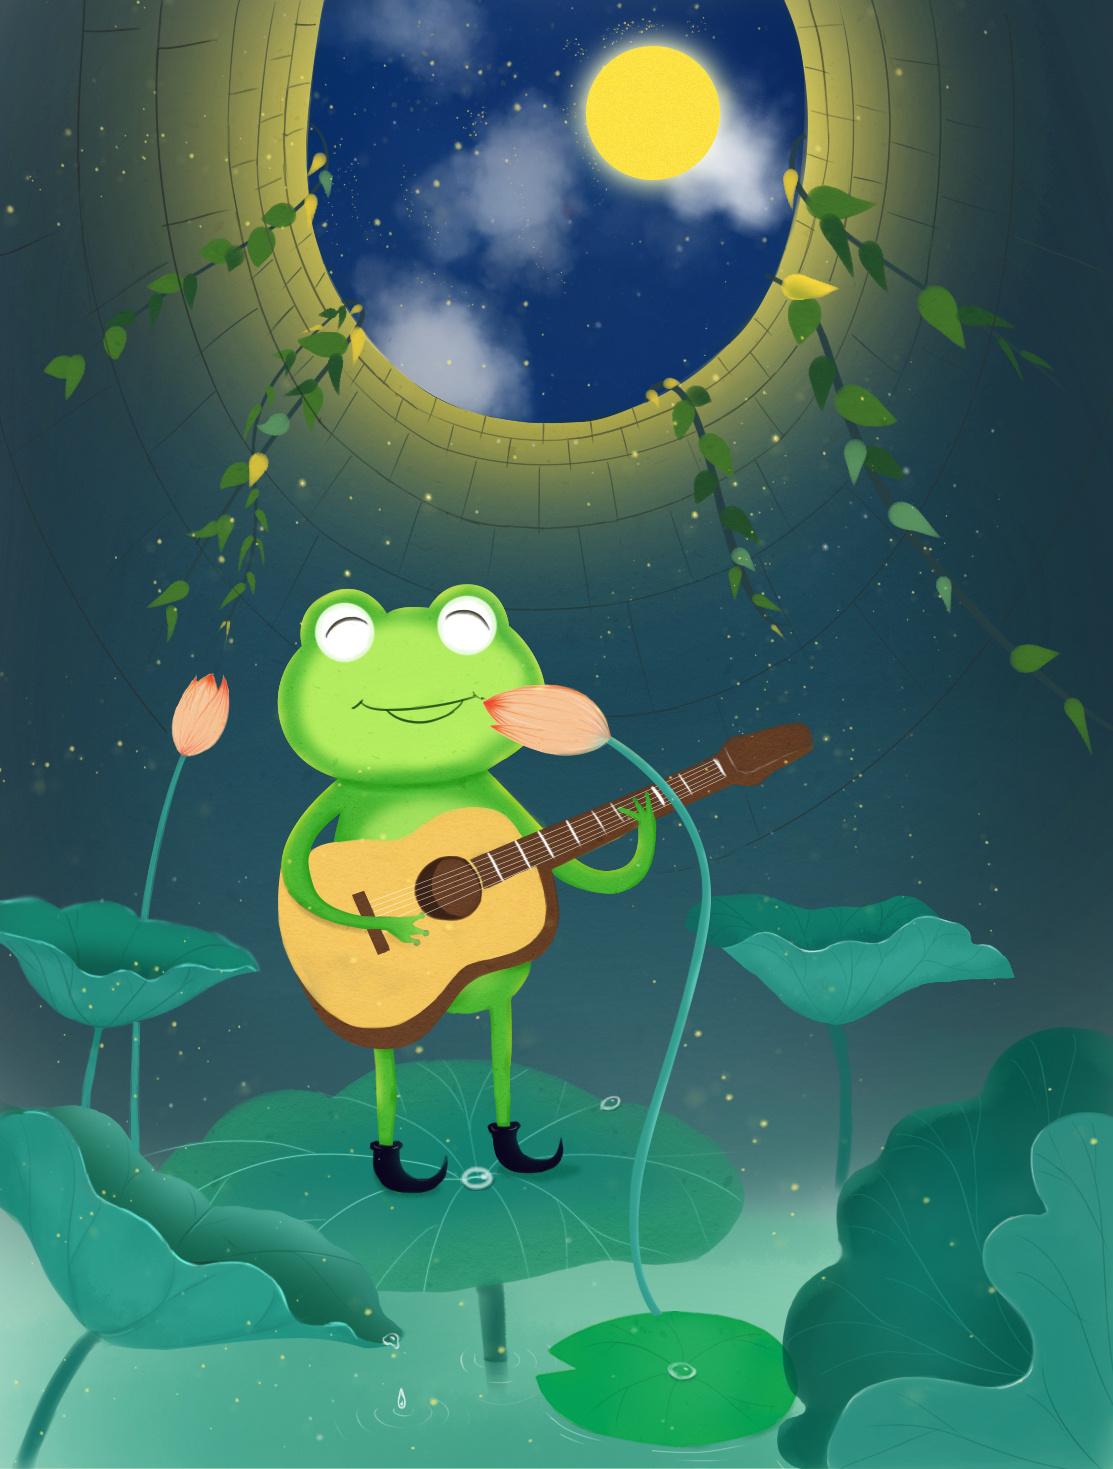 被井底之蛙瞧不起咋办? 井底之蛙的拼音